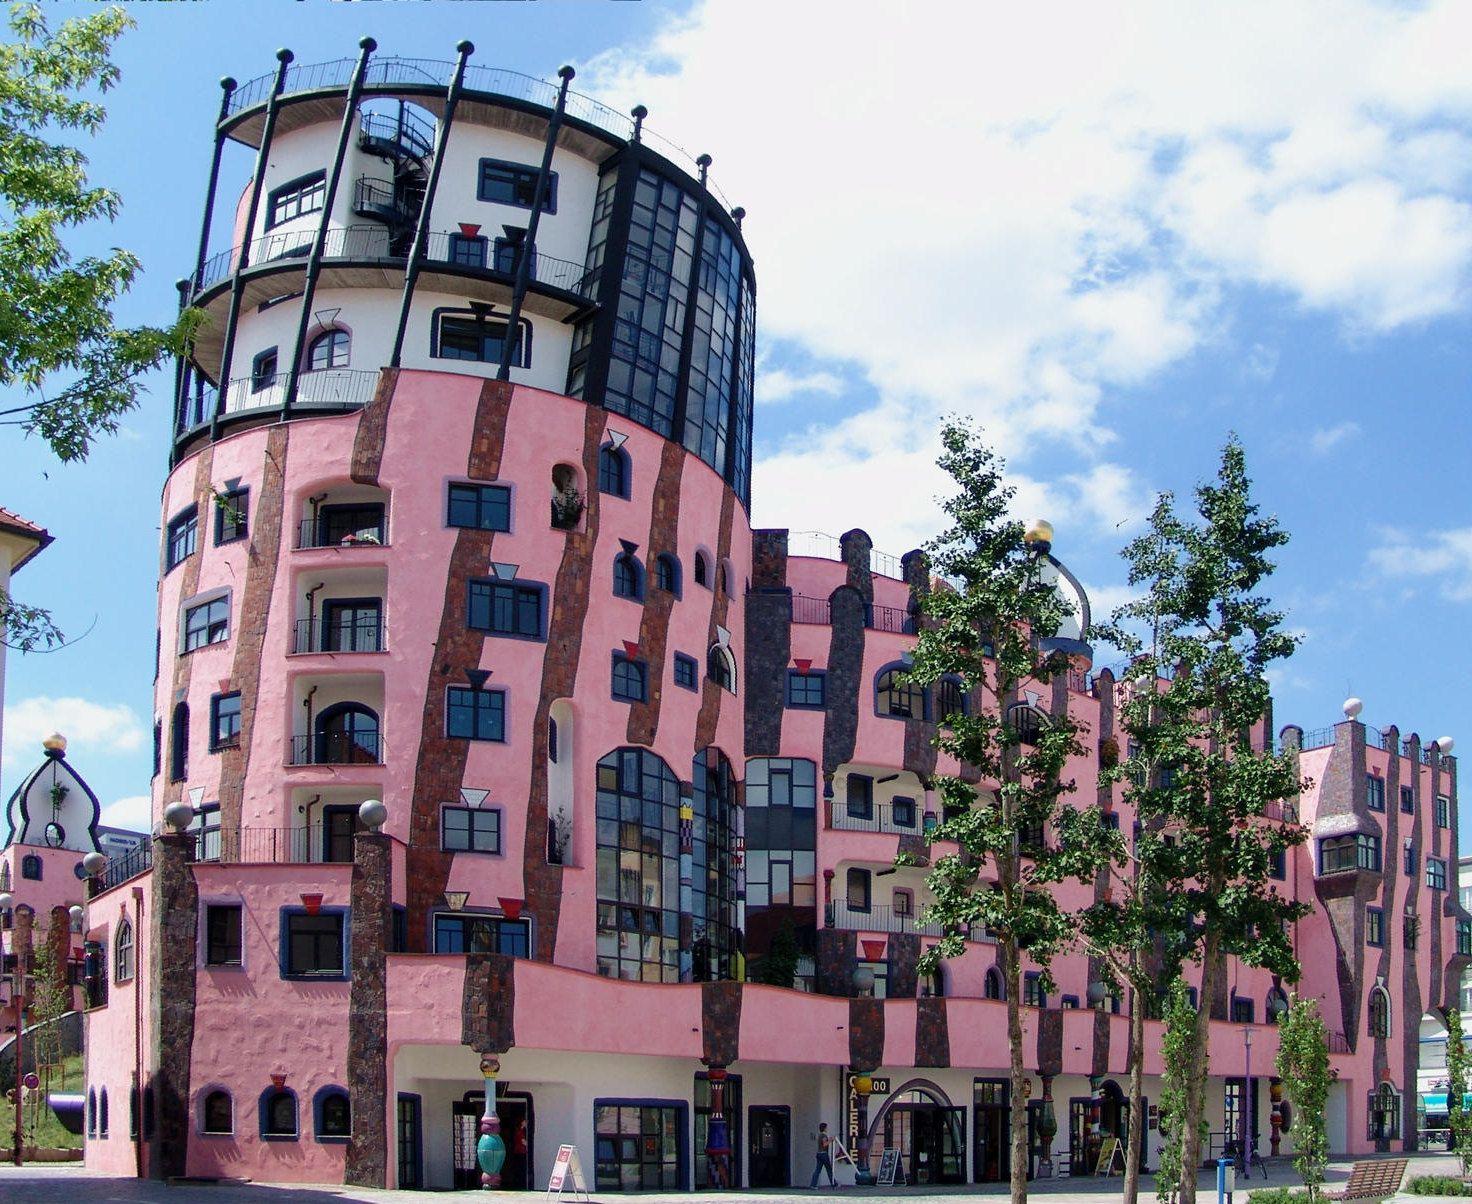 Wien sehensw rdigkeiten hundertwasserhaus google suche for Raumgestaltung anhalt